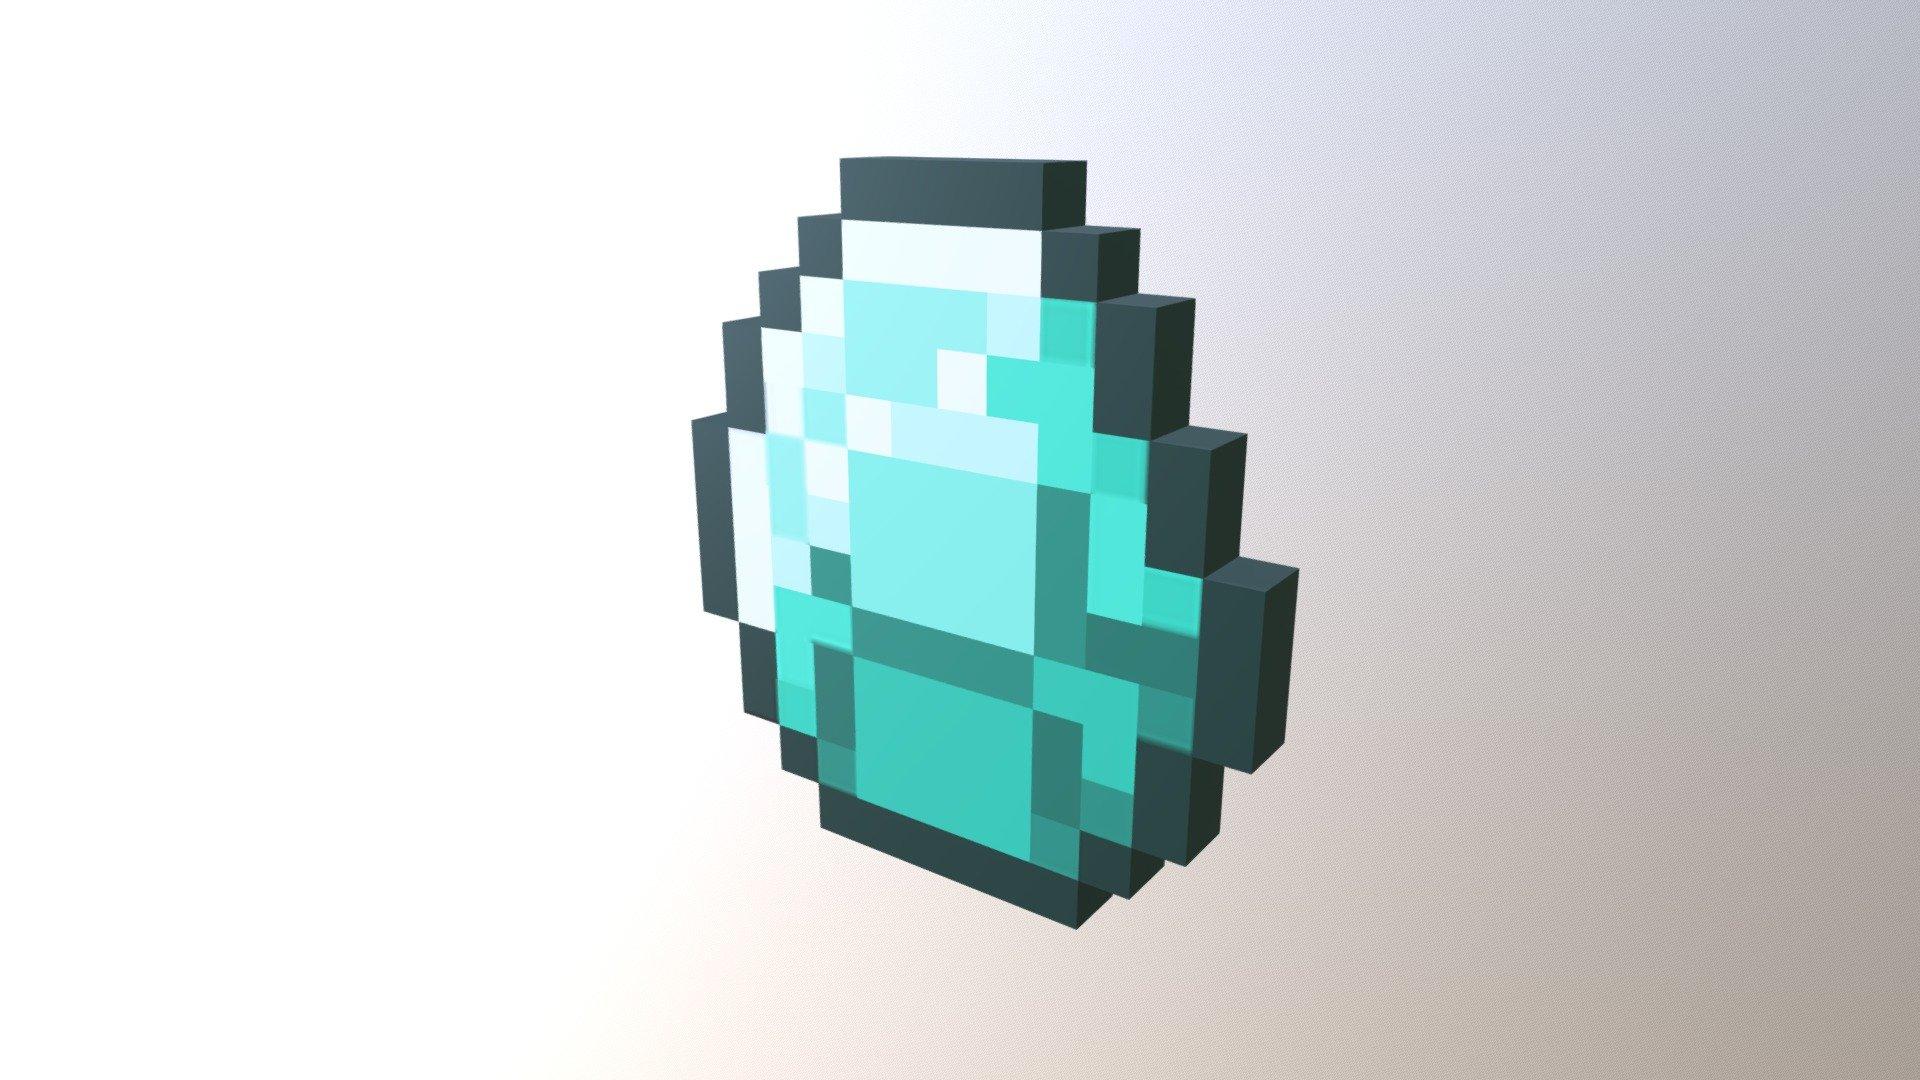 помните, картинки алмазов для майнкрафт узнать, как купить